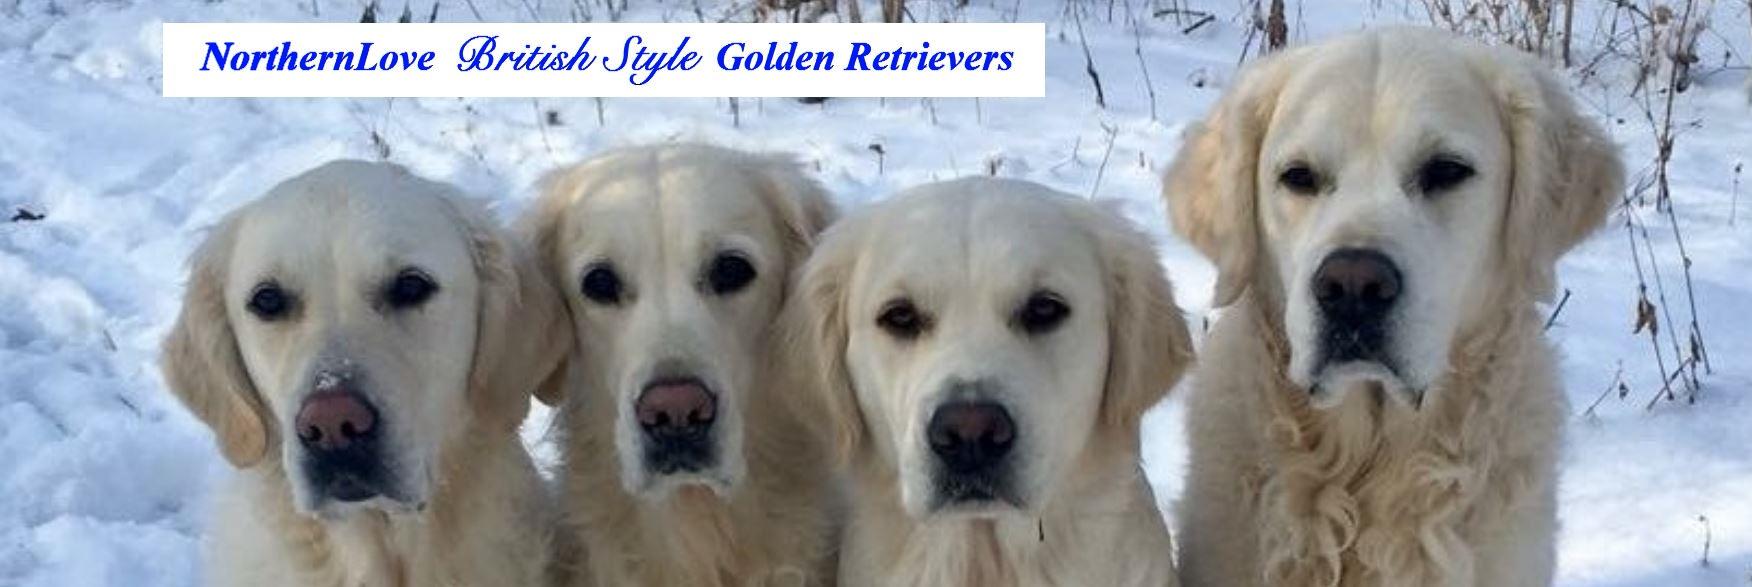 Northern Love British Style Golden Retrievers